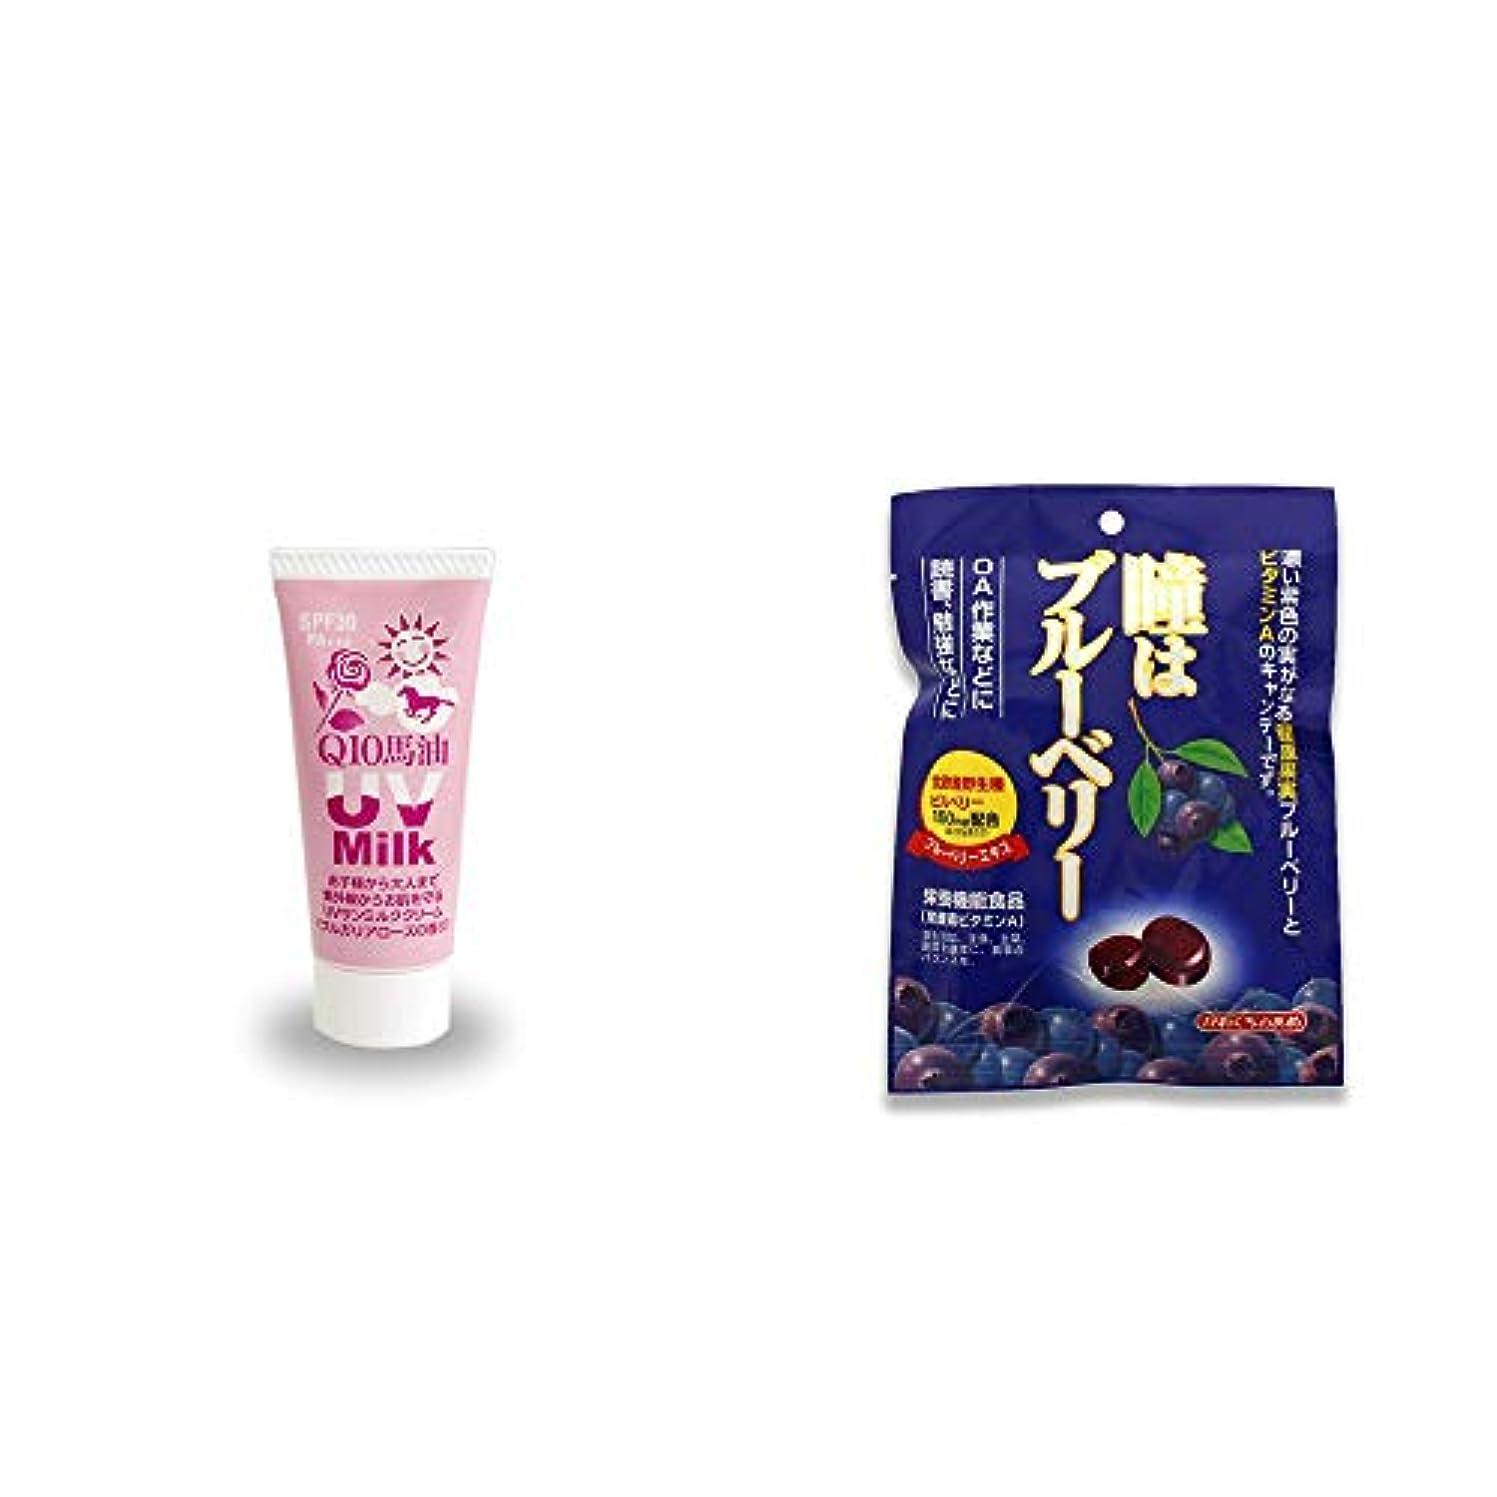 石の宴会イサカ[2点セット] 炭黒泉 Q10馬油 UVサンミルク[ブルガリアローズ](40g)?瞳はブルーベリー 健康機能食品[ビタミンA](100g)